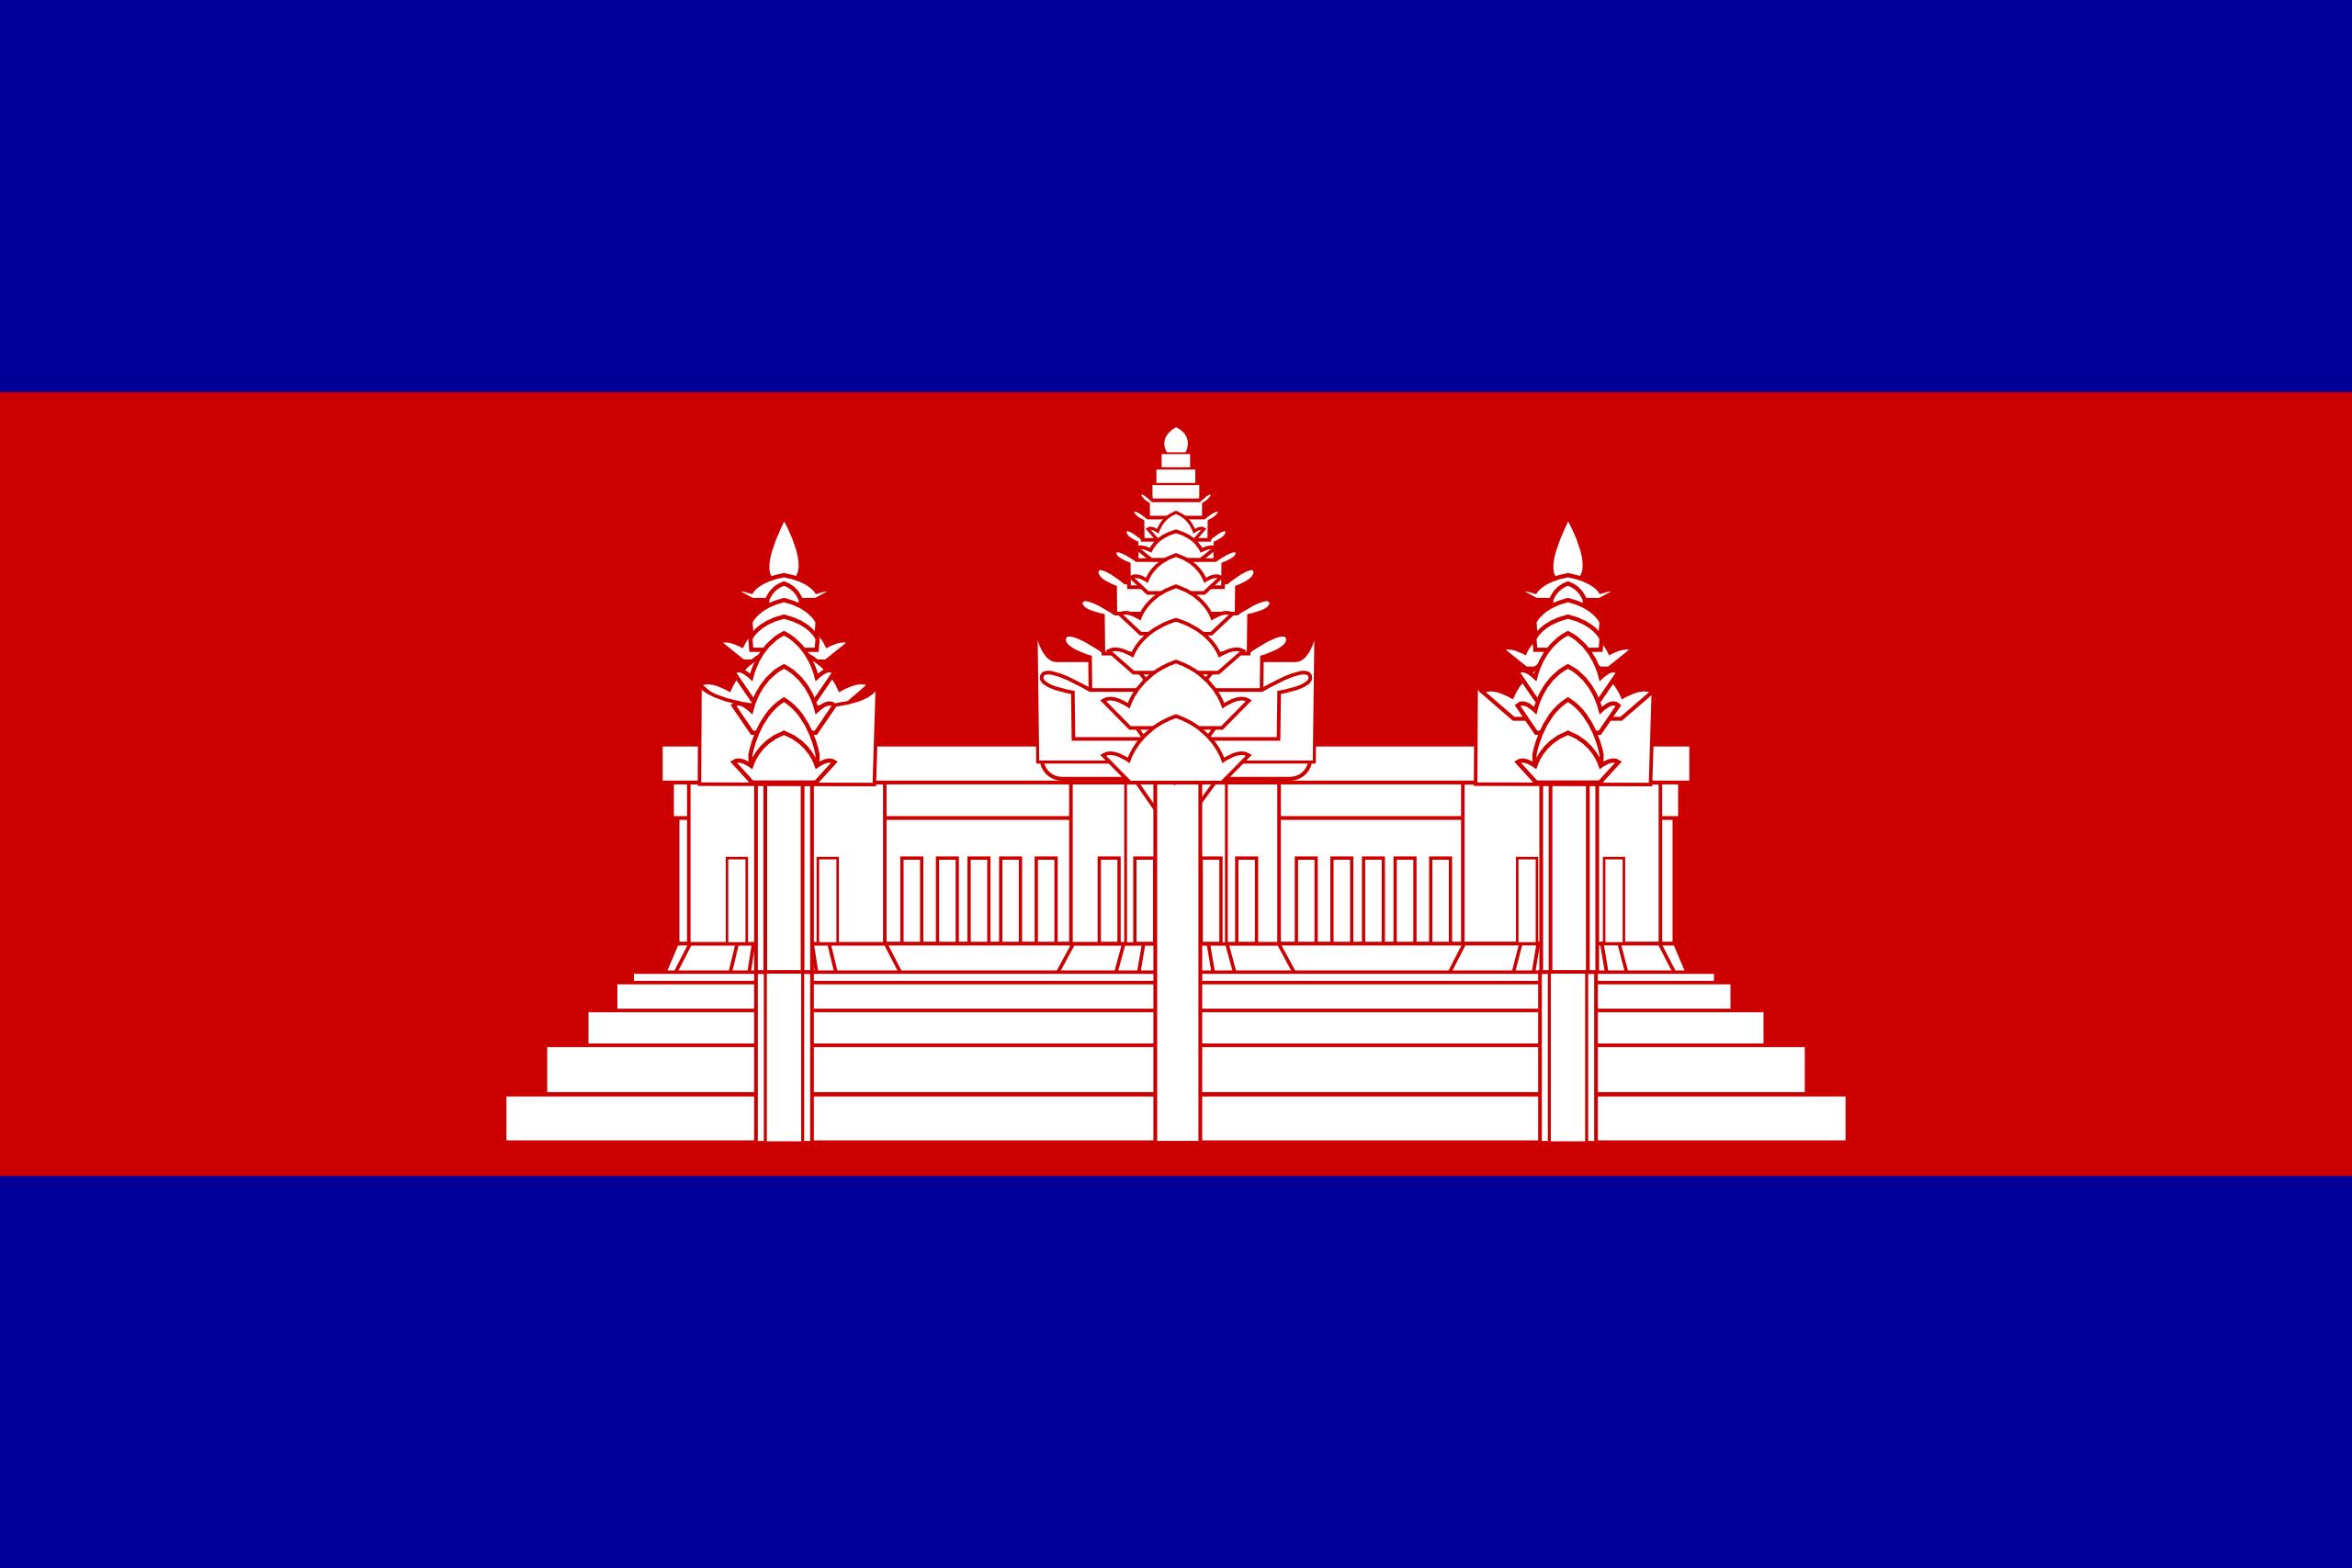 Camboja, país, Brasão de armas, logotipo, símbolo - Papéis de parede HD - Professor-falken.com